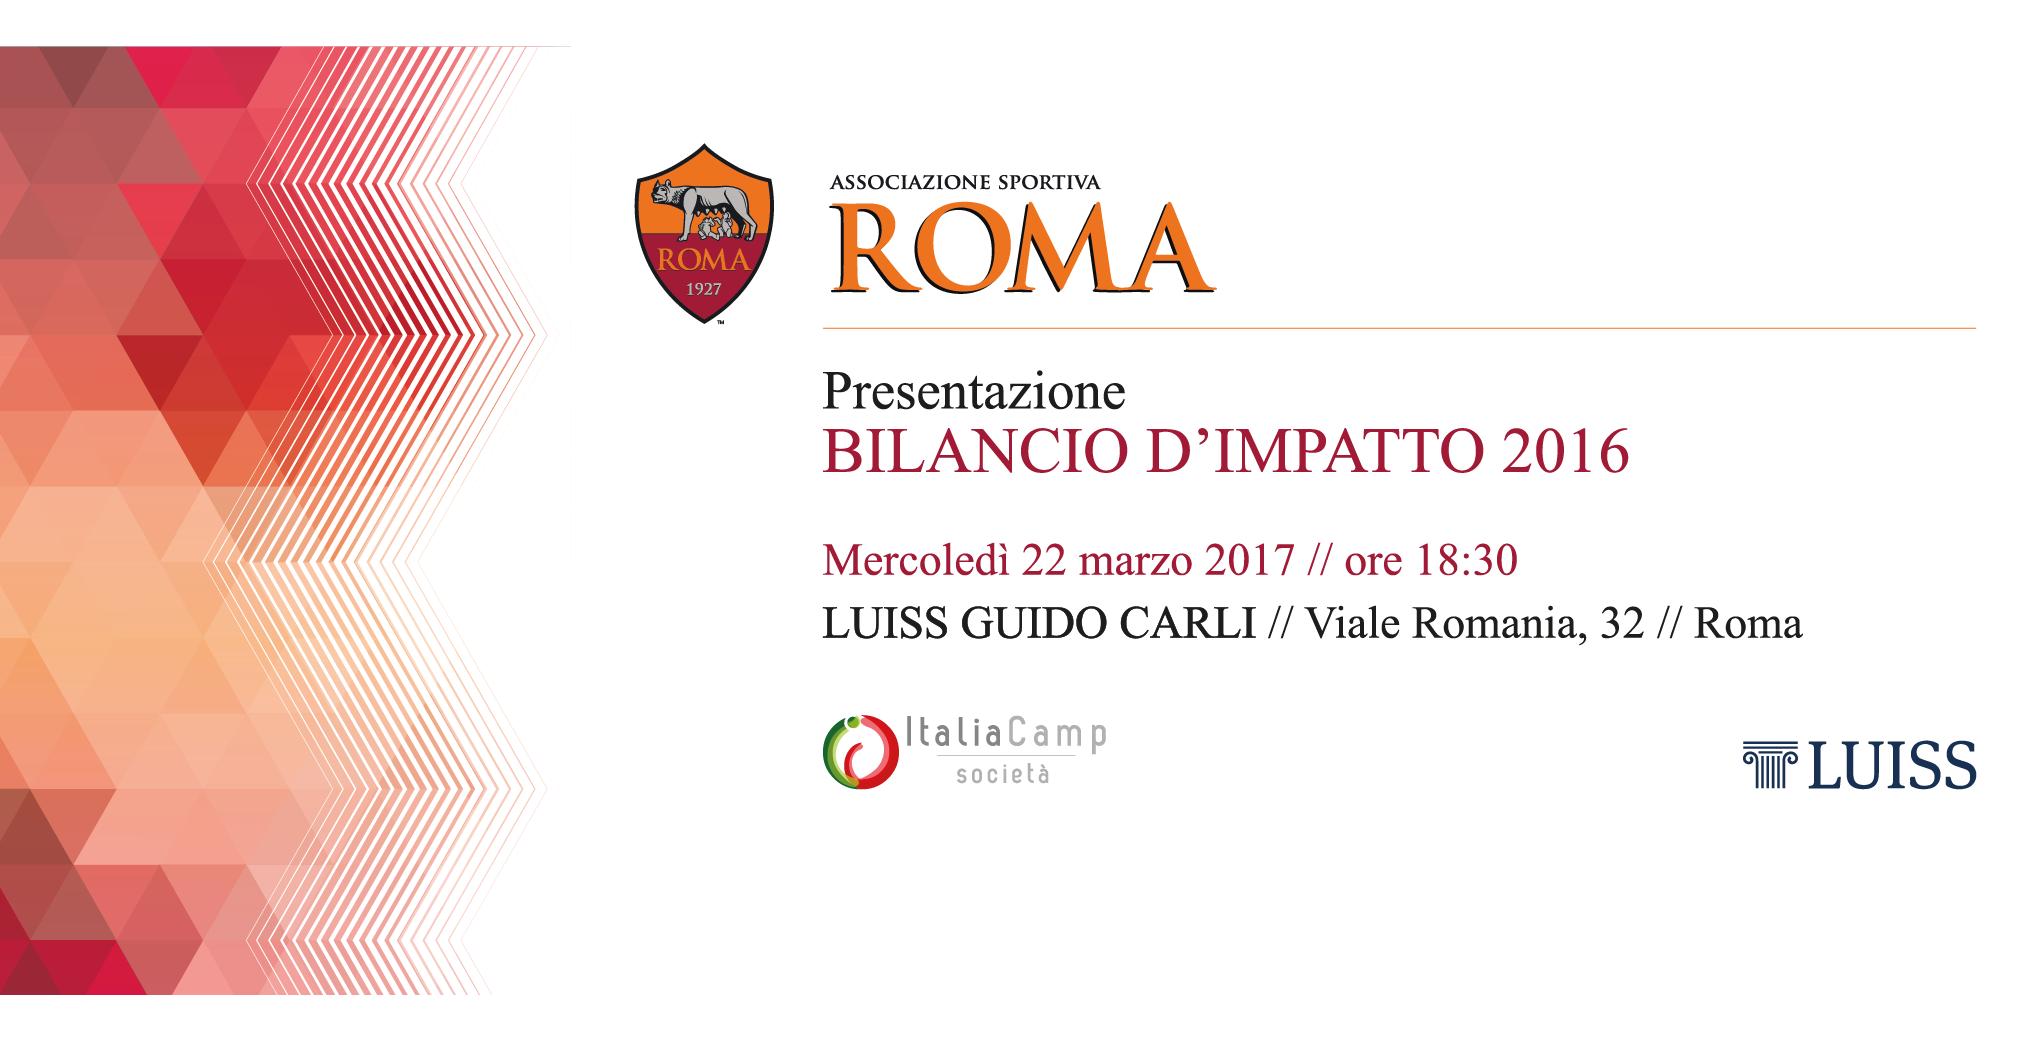 Presentazione Bilancio d'Impatto AS Roma